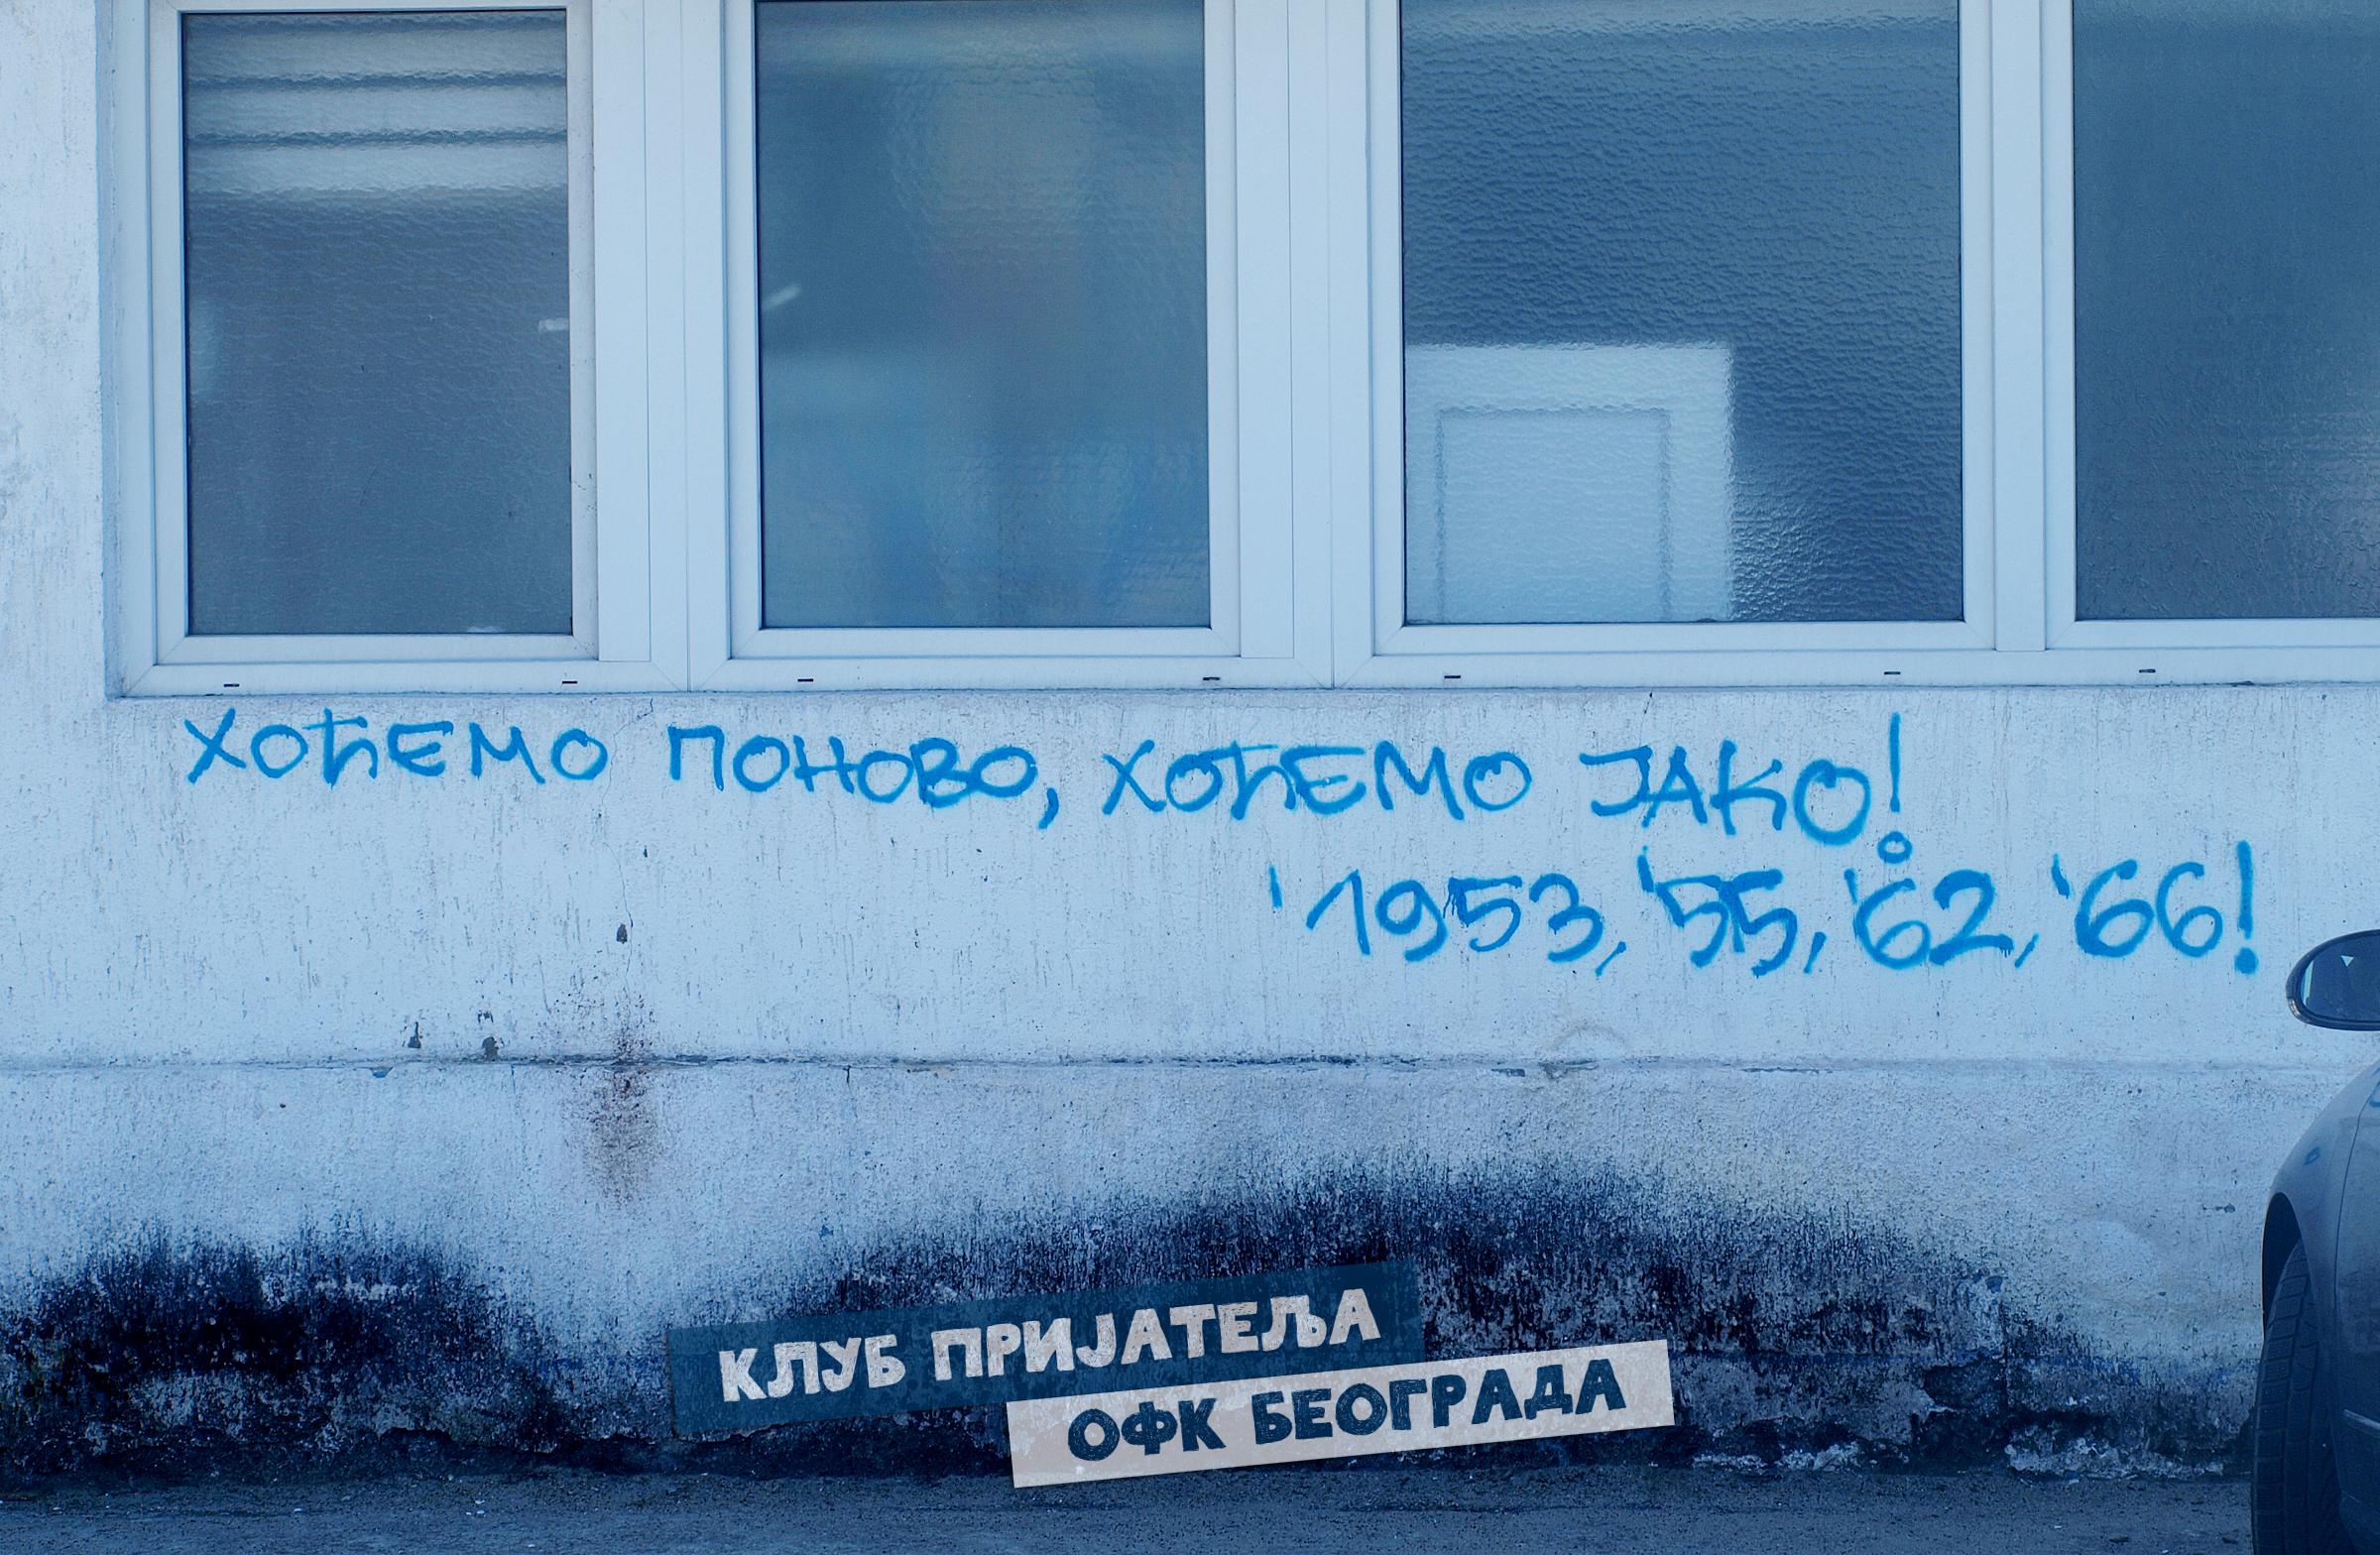 Фото убод! 53-55-62-66